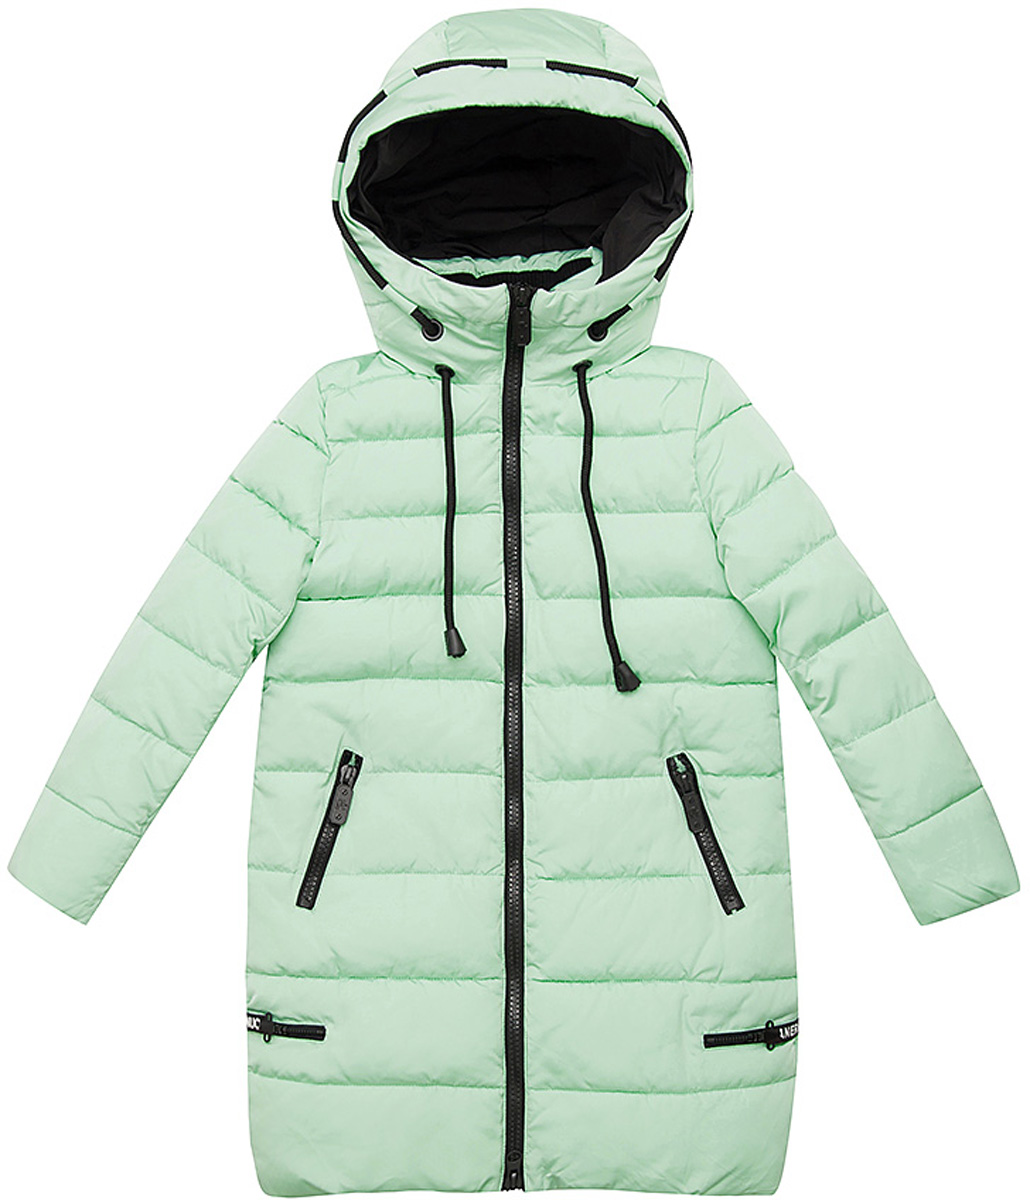 Куртка для девочки Vitacci, цвет: зеленый. 2171454-06. Размер 1302171454-06Удлиненная куртка для девочки Vitacci, изготовленная из полиэстера, станет стильнымдополнением к детскому гардеробу.Подкладка выполнена из полиэстера и дополнительно утеплена флисом по спинке. В качестве утеплителя используется биопух.Модель с капюшоном и длинными рукавами застегивается на пластиковую застежку-молнию. Съемный капюшон регулируется в объеме при помощи шнурка.Температурный режим от -5 до -25 градусов.Красивый цвет, модный силуэтобеспечивают куртке прекрасный внешний вид! Теплая, удобная и практичная куртка идеально подойдет юной моднице для прогулок!